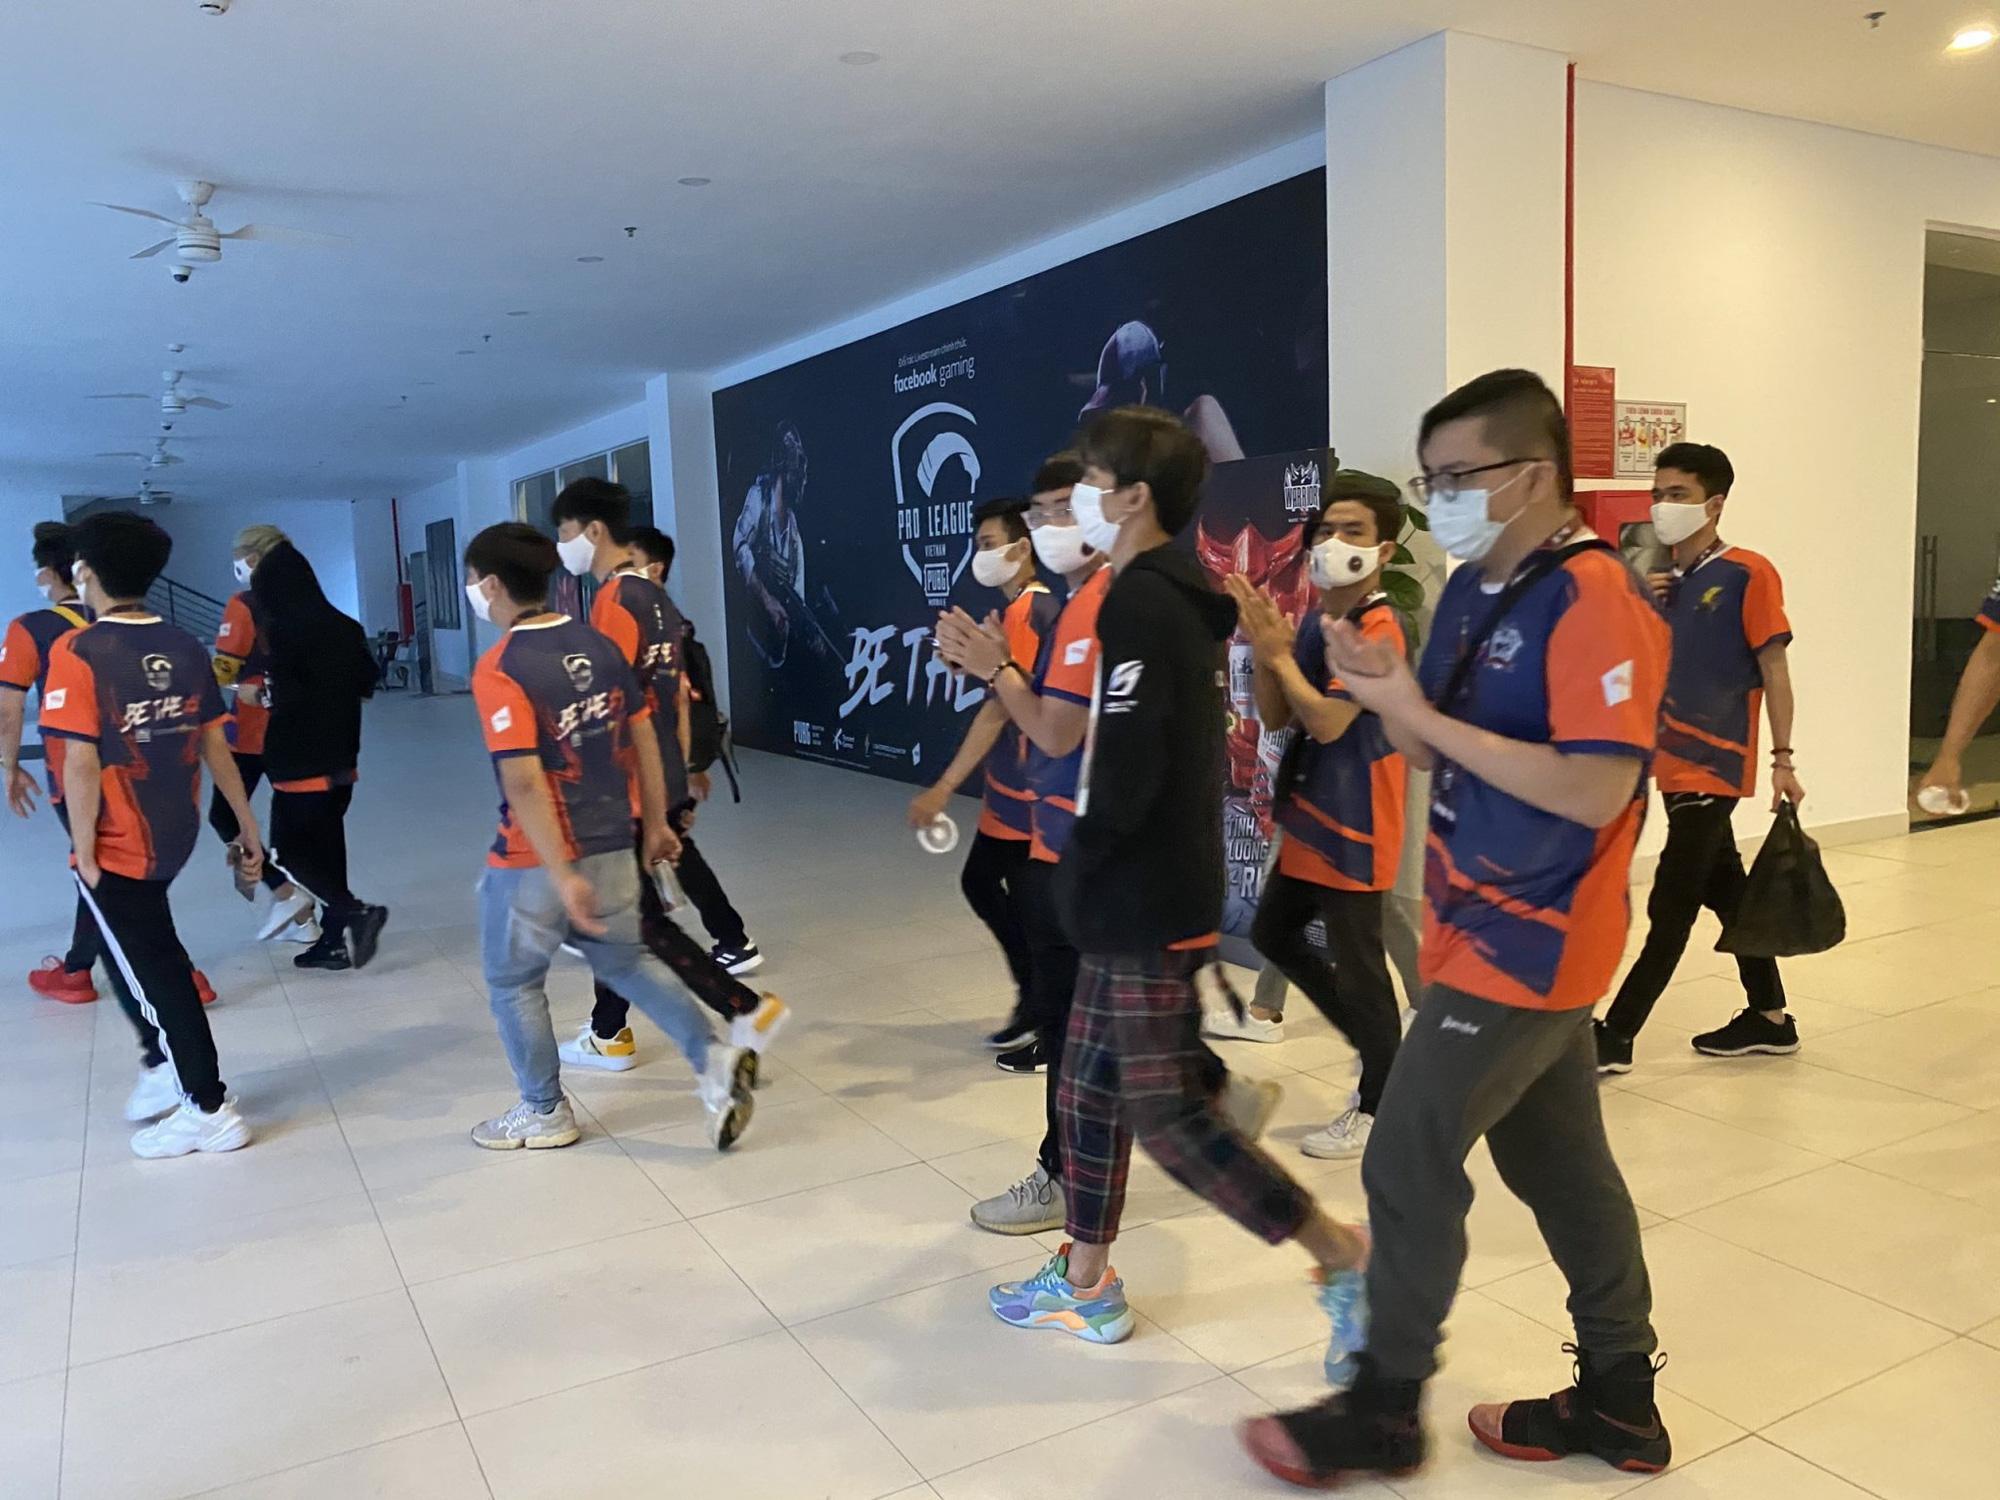 Để hơn 100 người tham gia giải game online bất chấp lệnh cấm, Cocobay Đà Nẵng bị phạt 15 triệu đồng-3